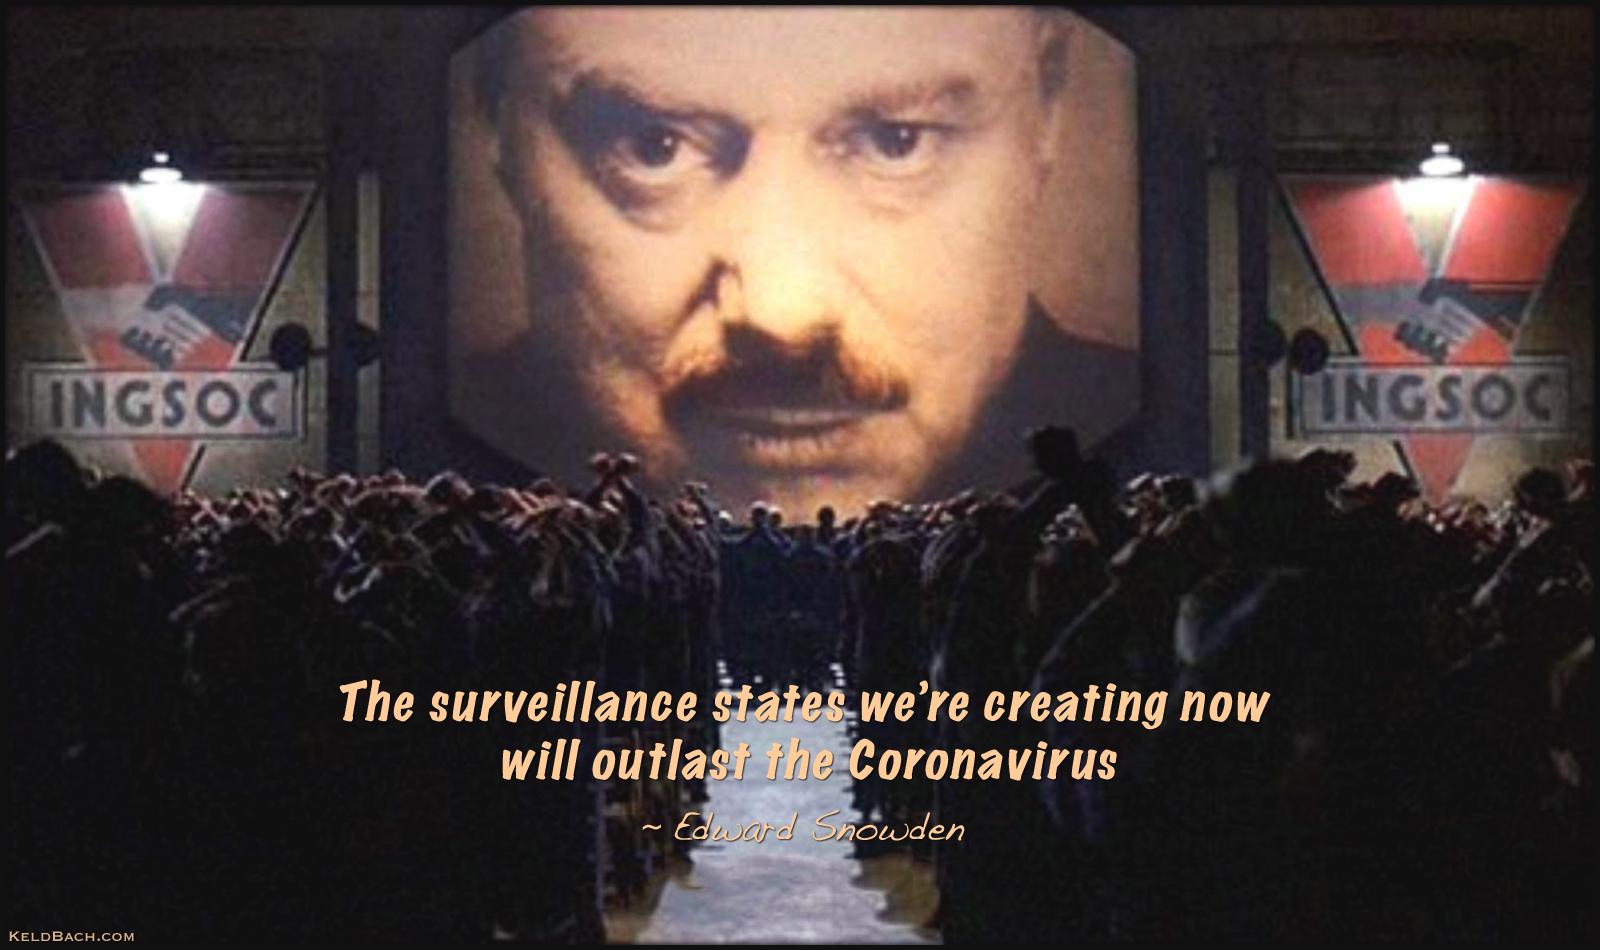 The Surveillance States Will Outlast Coronavirus